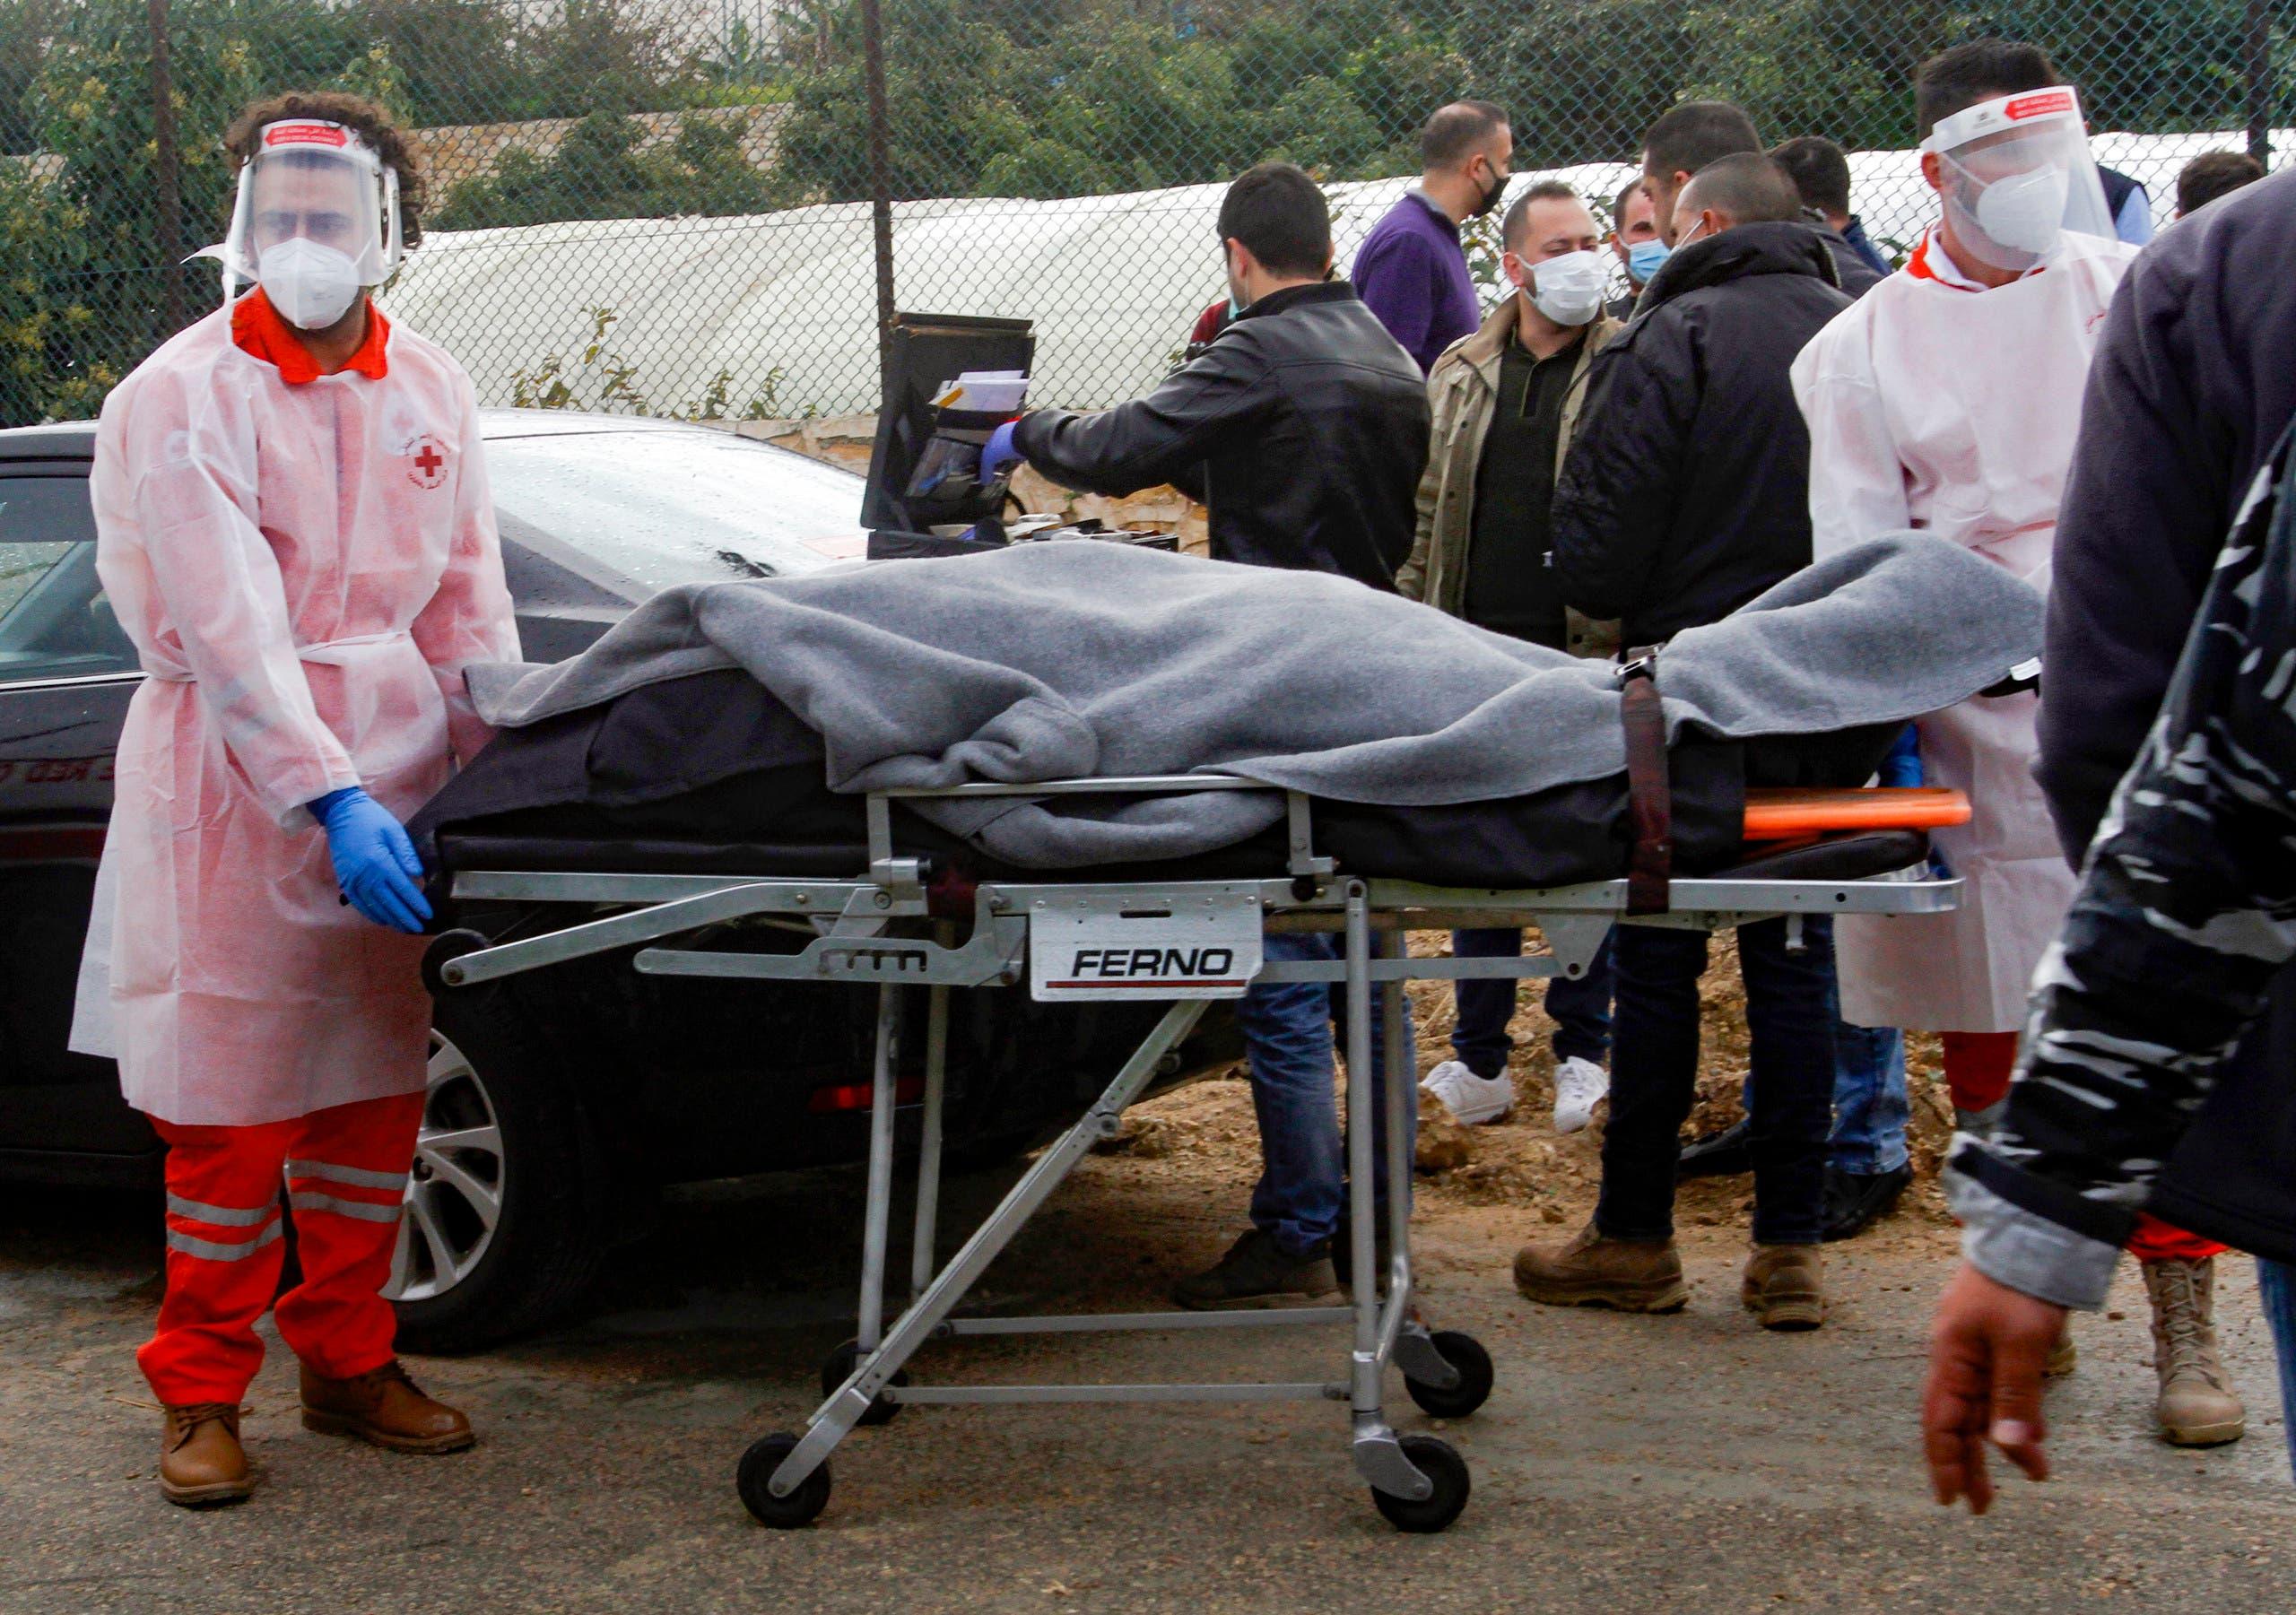 تحویل جسد لوکمان سلیم (4 فوریه 2021 - فرانس پرس)